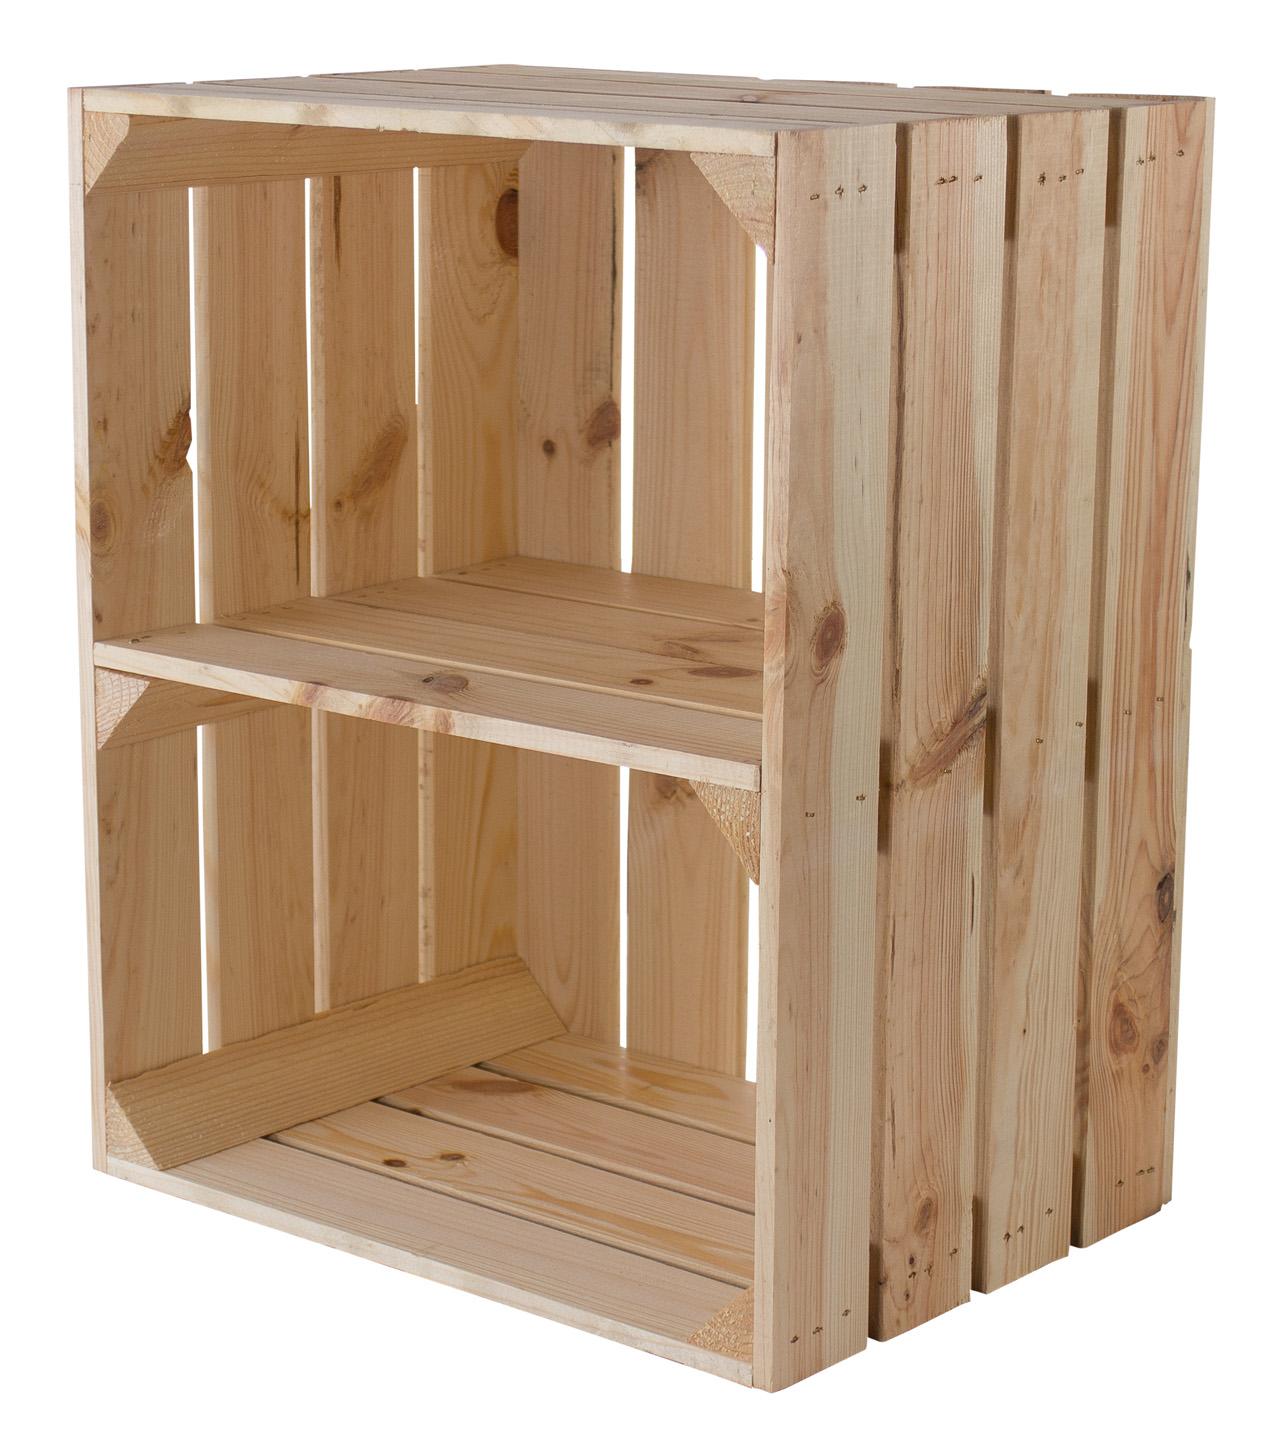 Kiste für Schuh- und Bücherregal